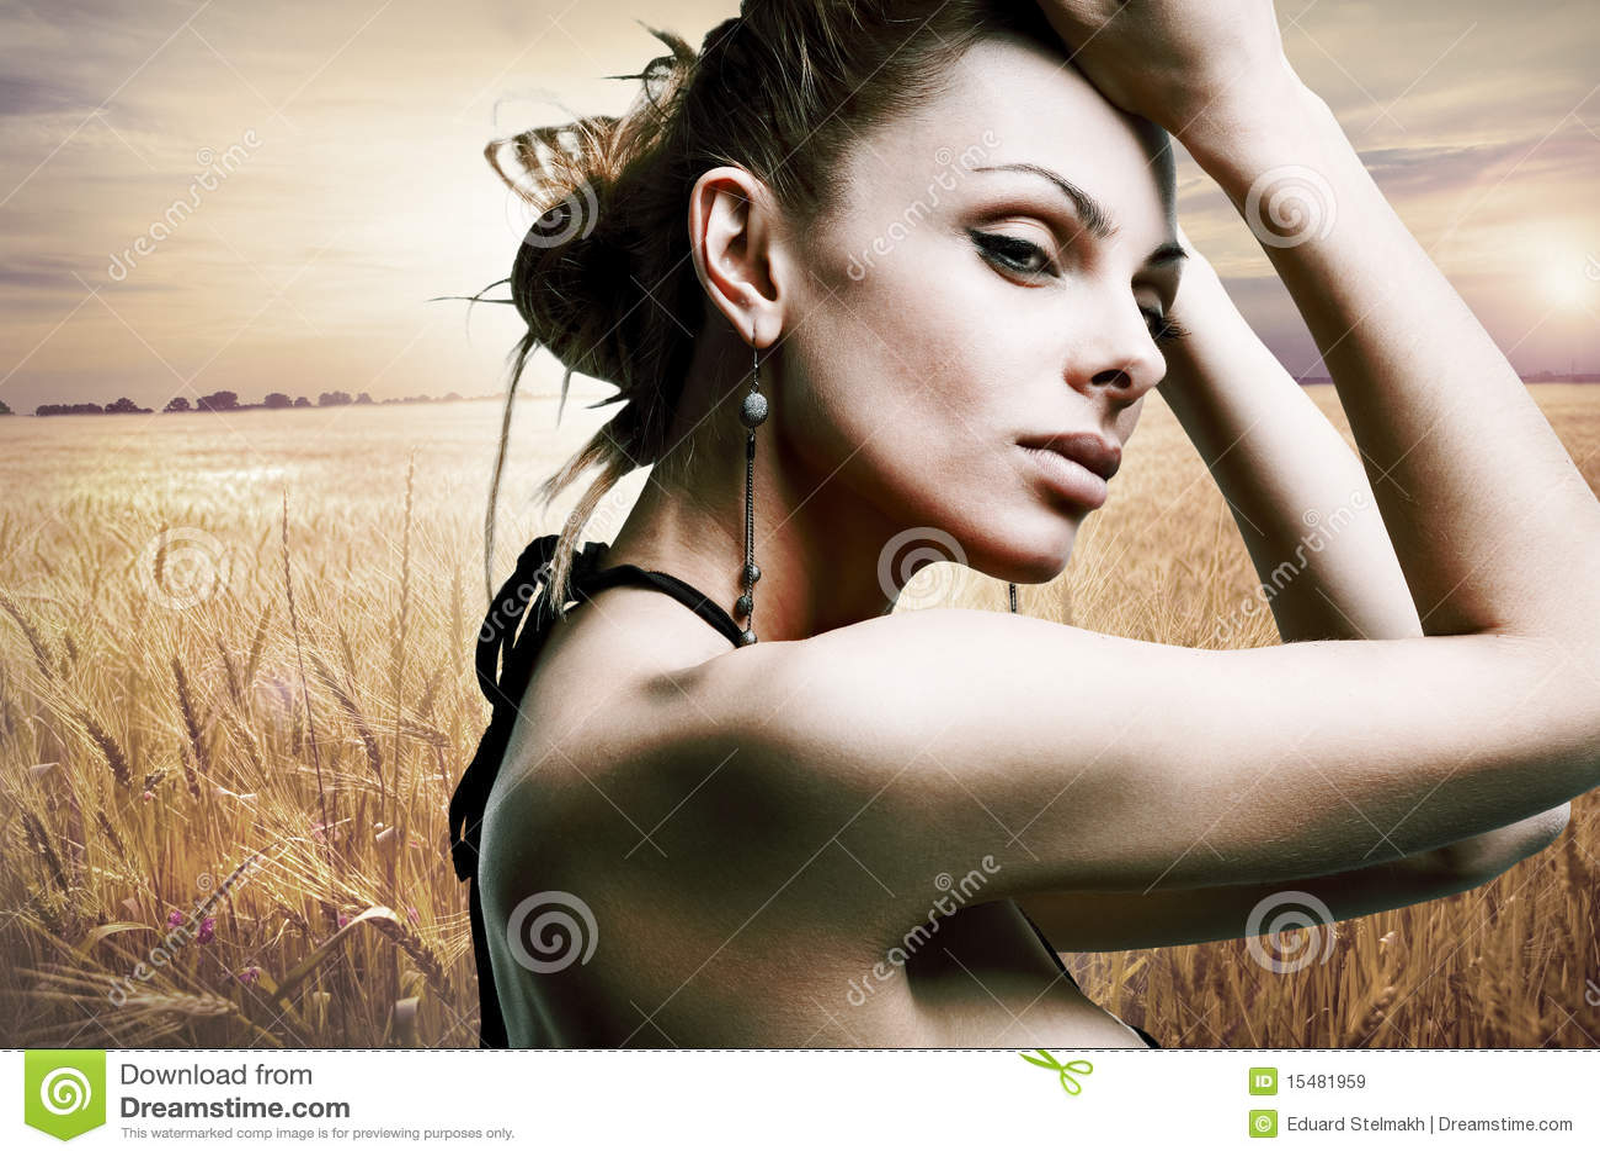 Эротический рассказ девочка 19 фотография